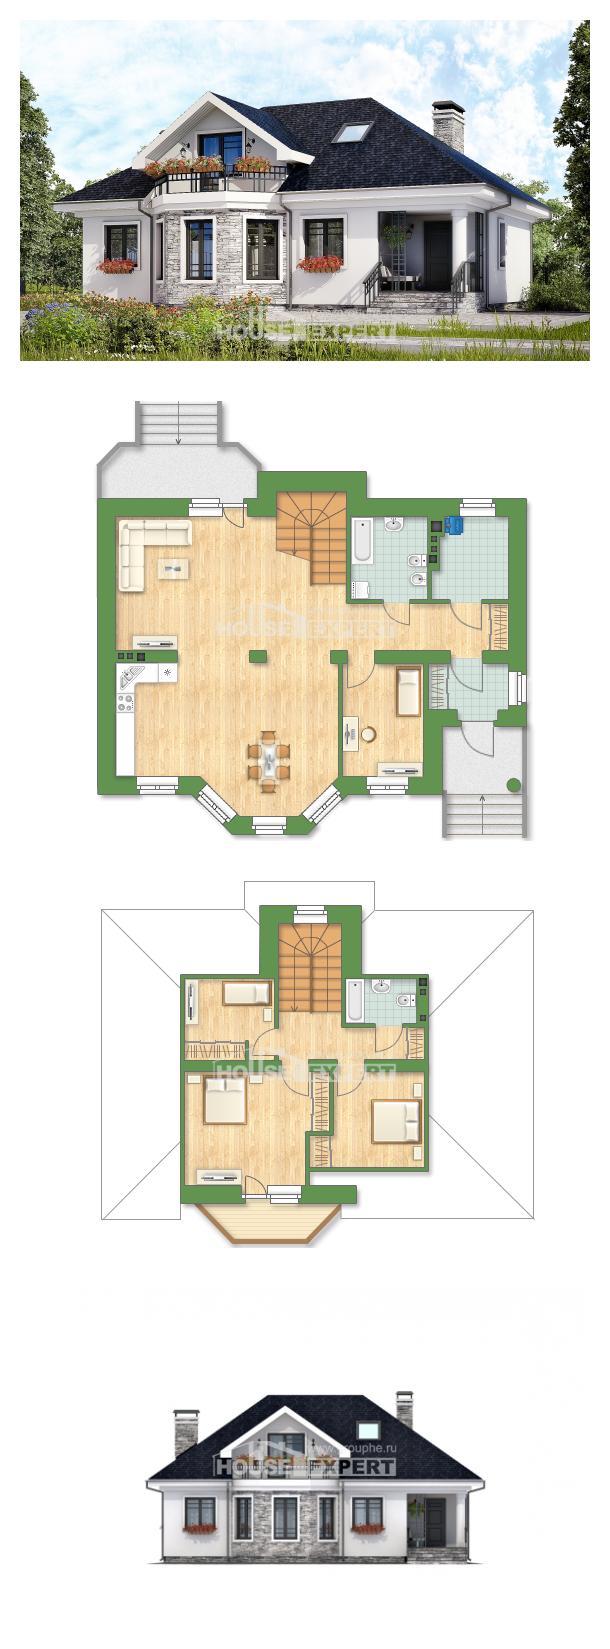 Plan 150-008-R | House Expert